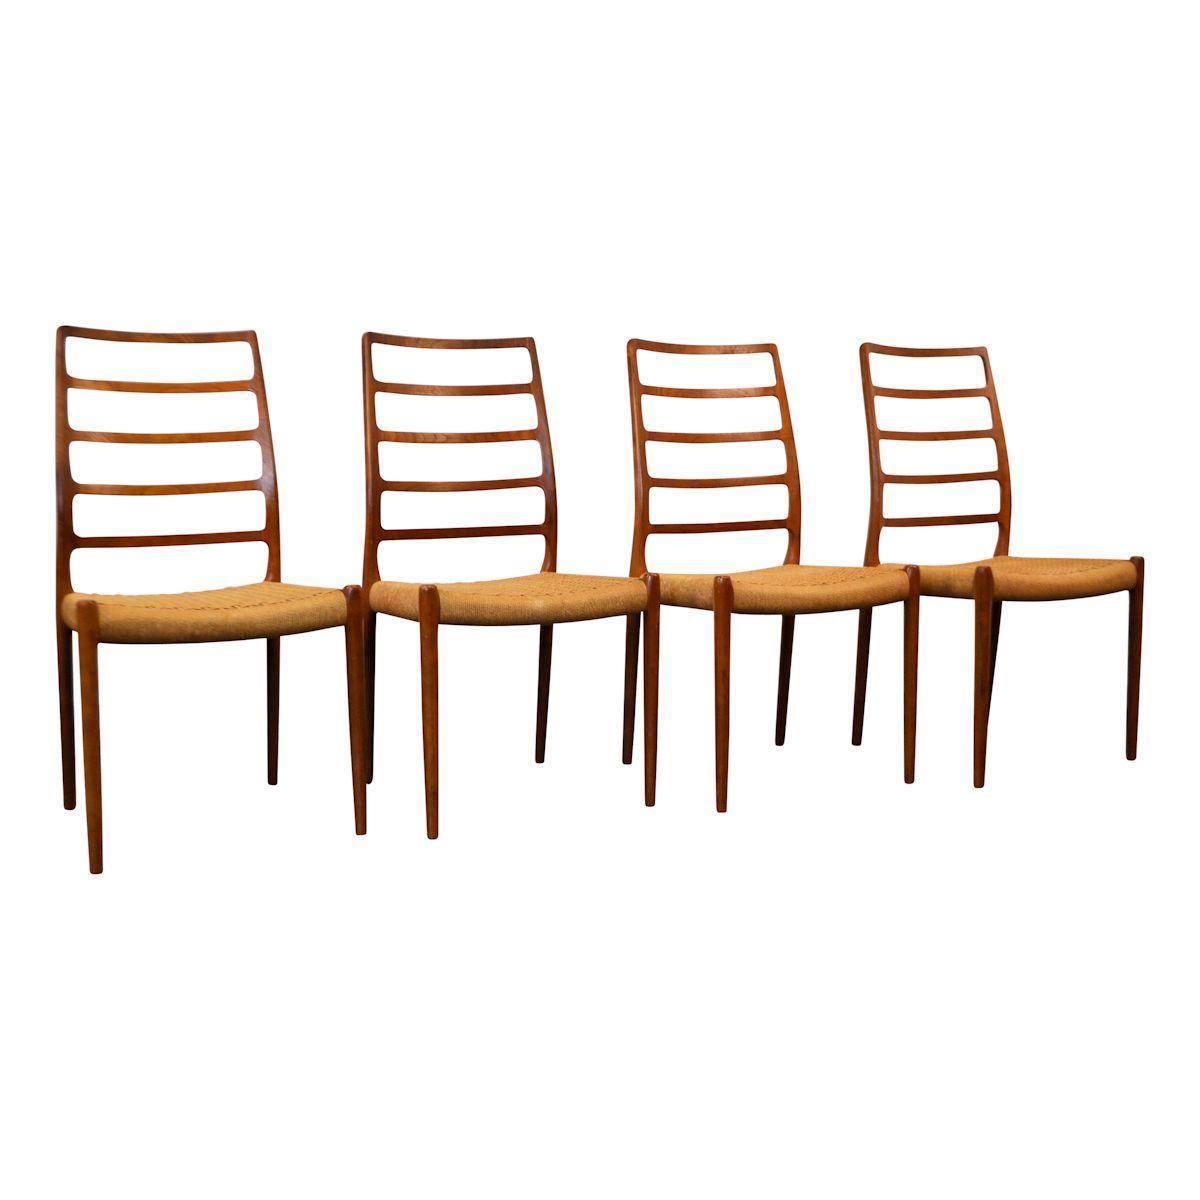 Vintage Niels O. Møller, model 82 teak stoelen